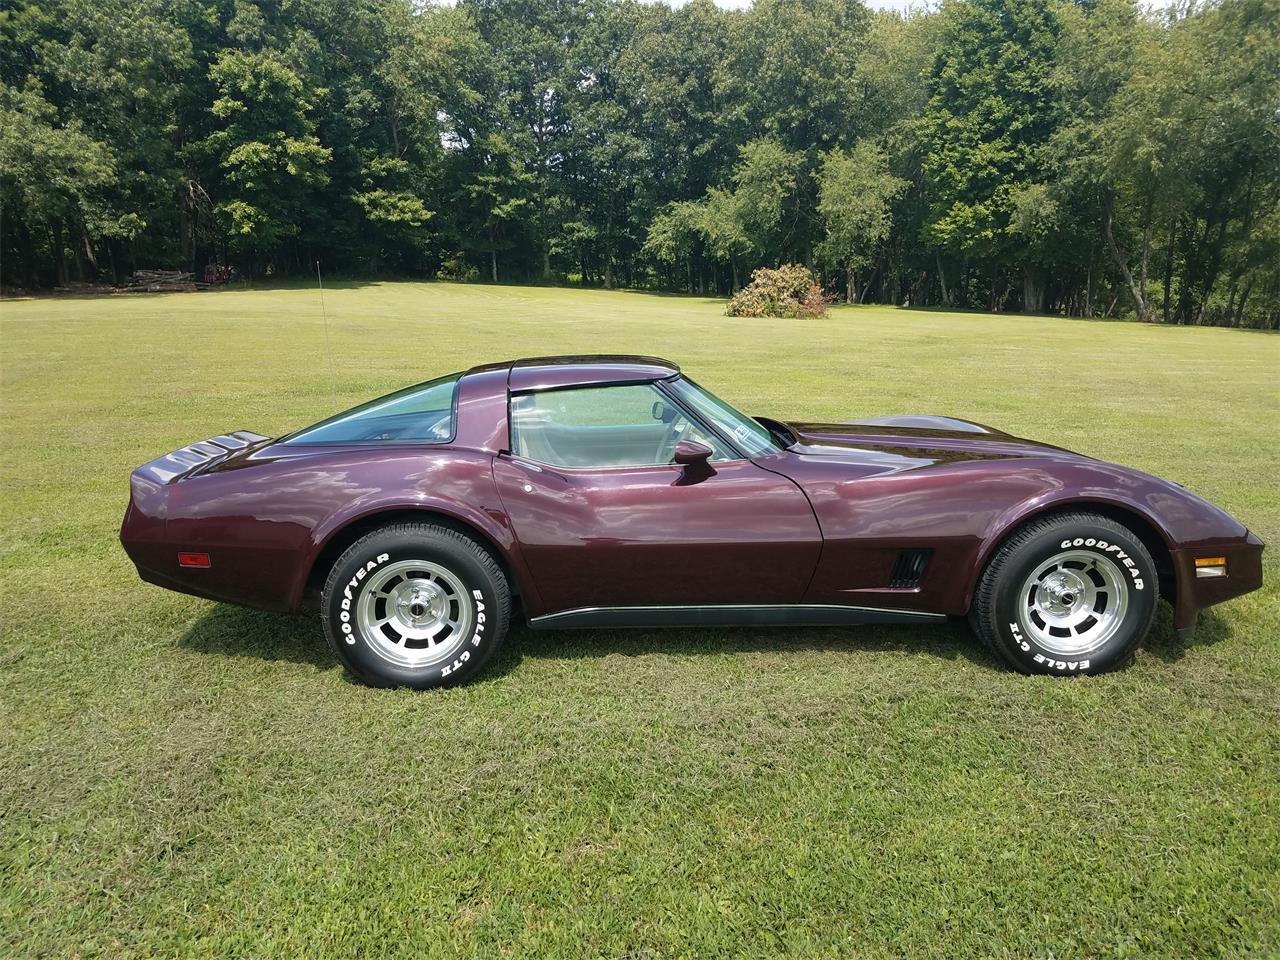 1980 Corvette For Sale >> 1980 Chevrolet Corvette For Sale In Cabot Pa